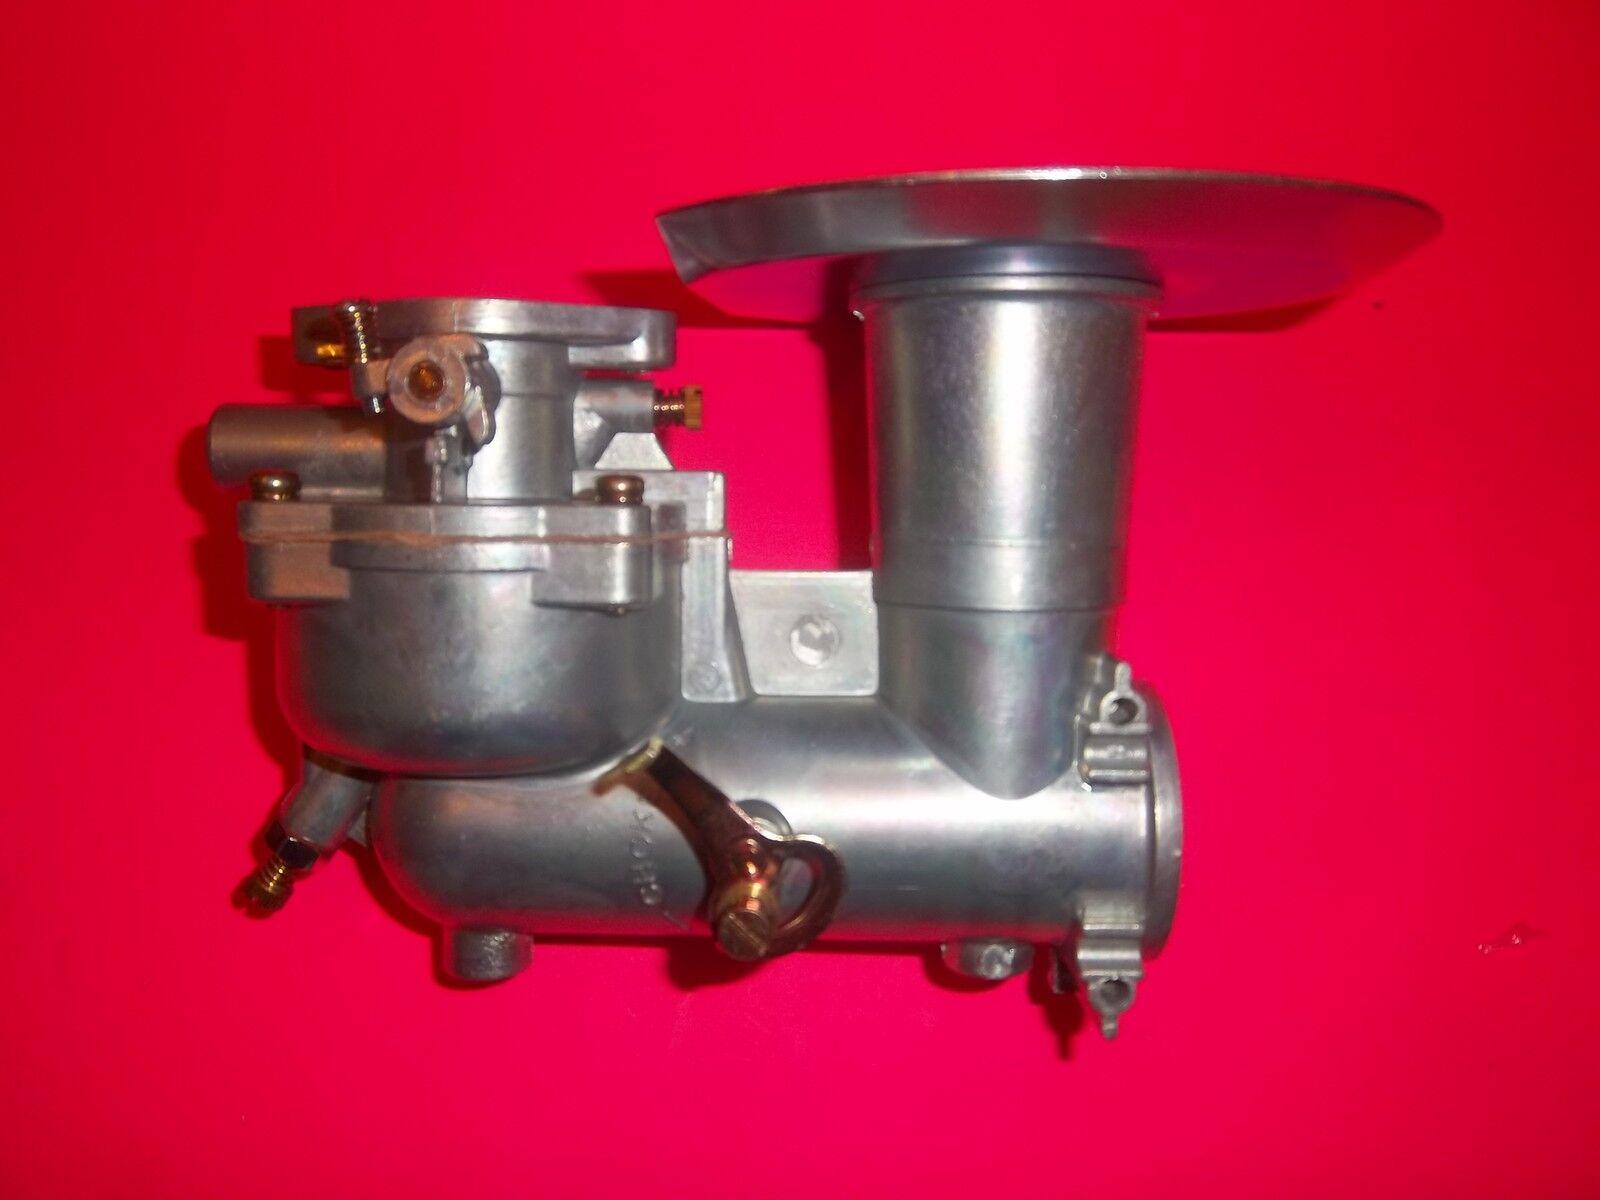 Nuevo Repuesto Briggs Cochebuetor Assy se ajusta de hierro fundido motores 391070 11049 l@@k